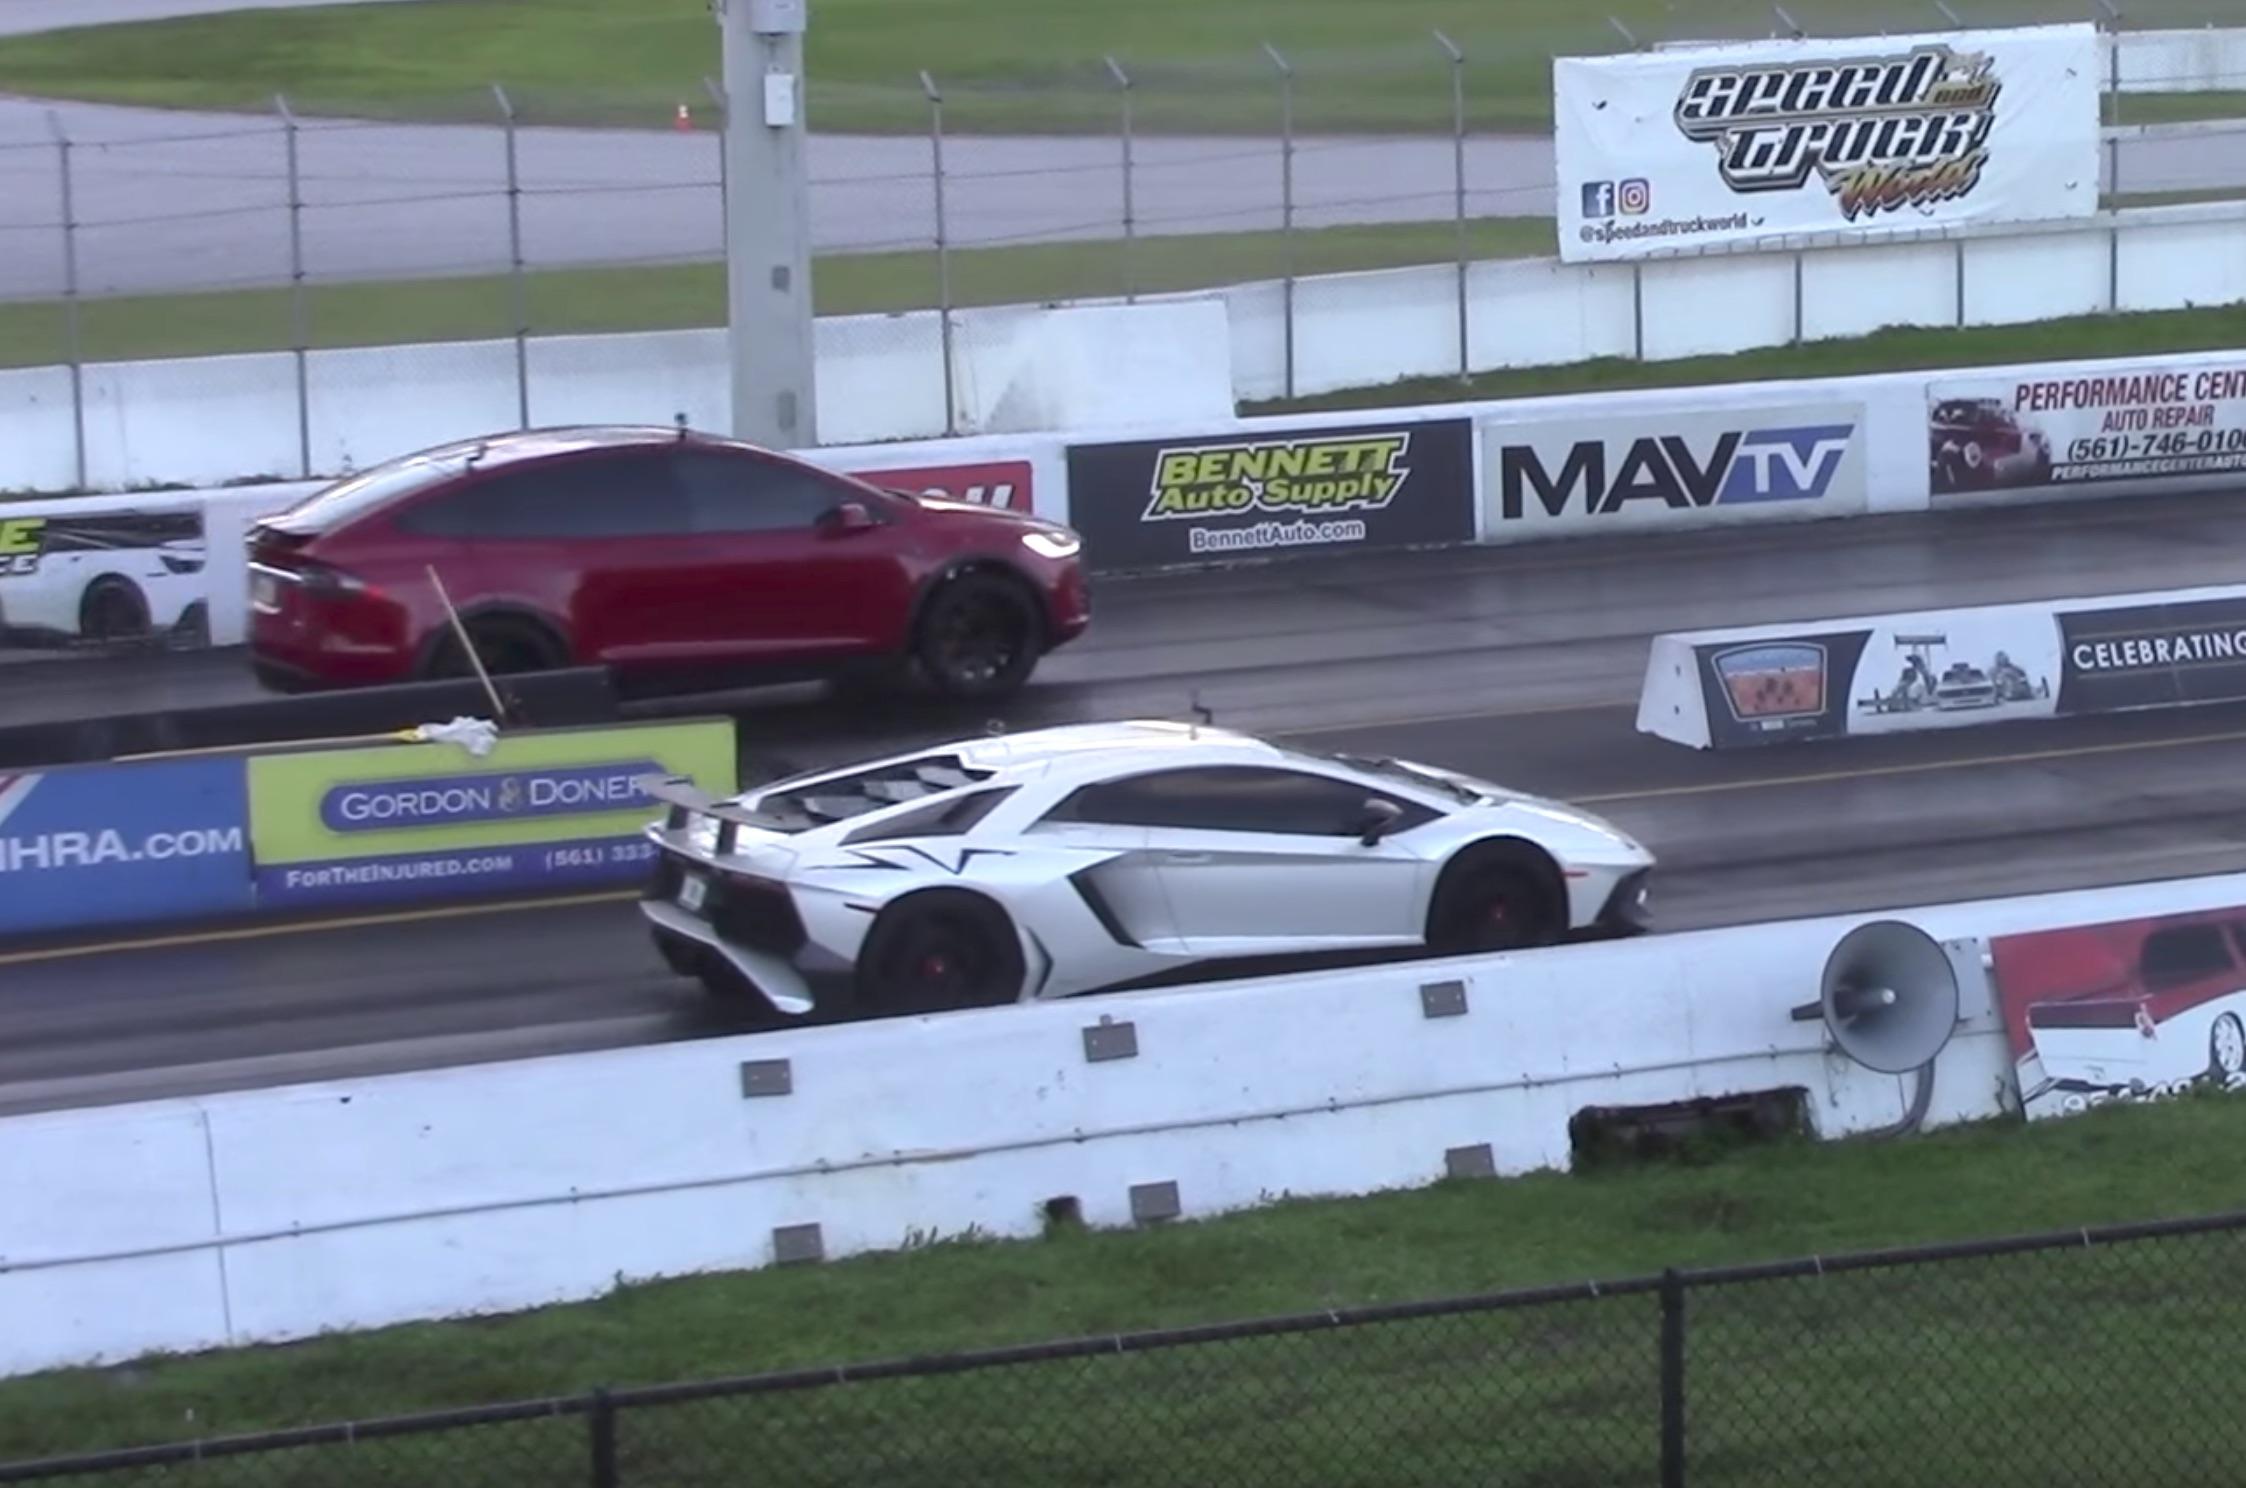 Tesla_Model_X_P100D_Ludicrous_vs_Lamborghini_Aventador_SV_Drag_Race